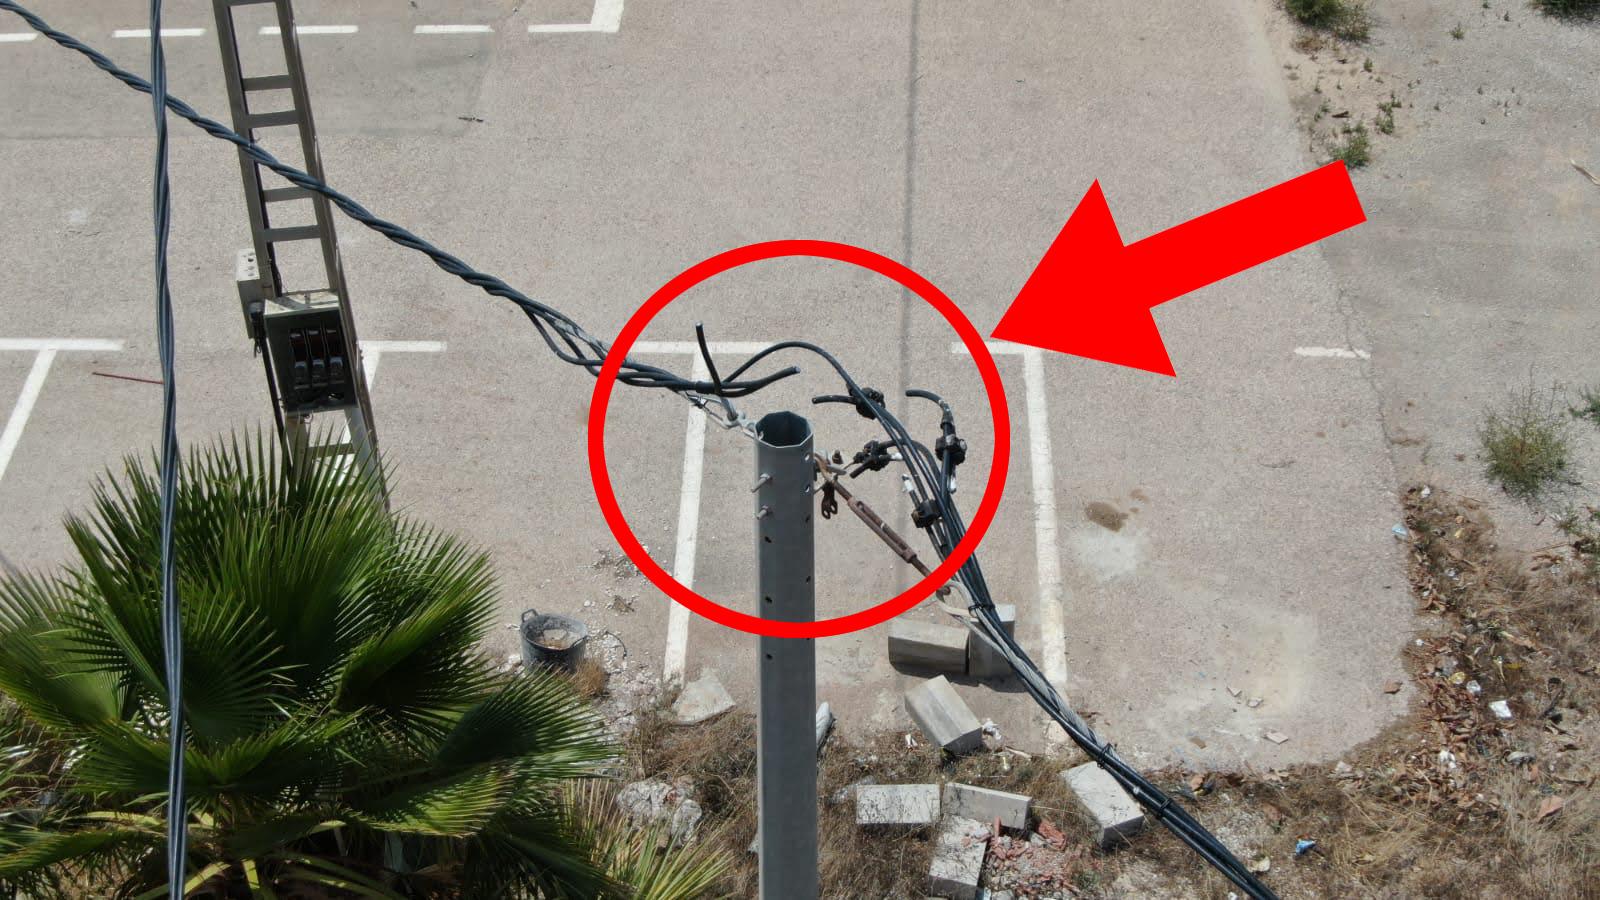 sabotaje-instalacion-electricao-Go-Karts-Orihuela-Costa-Marcos-y-Bañuls-Carnicas-Aldin-Torreviejacom